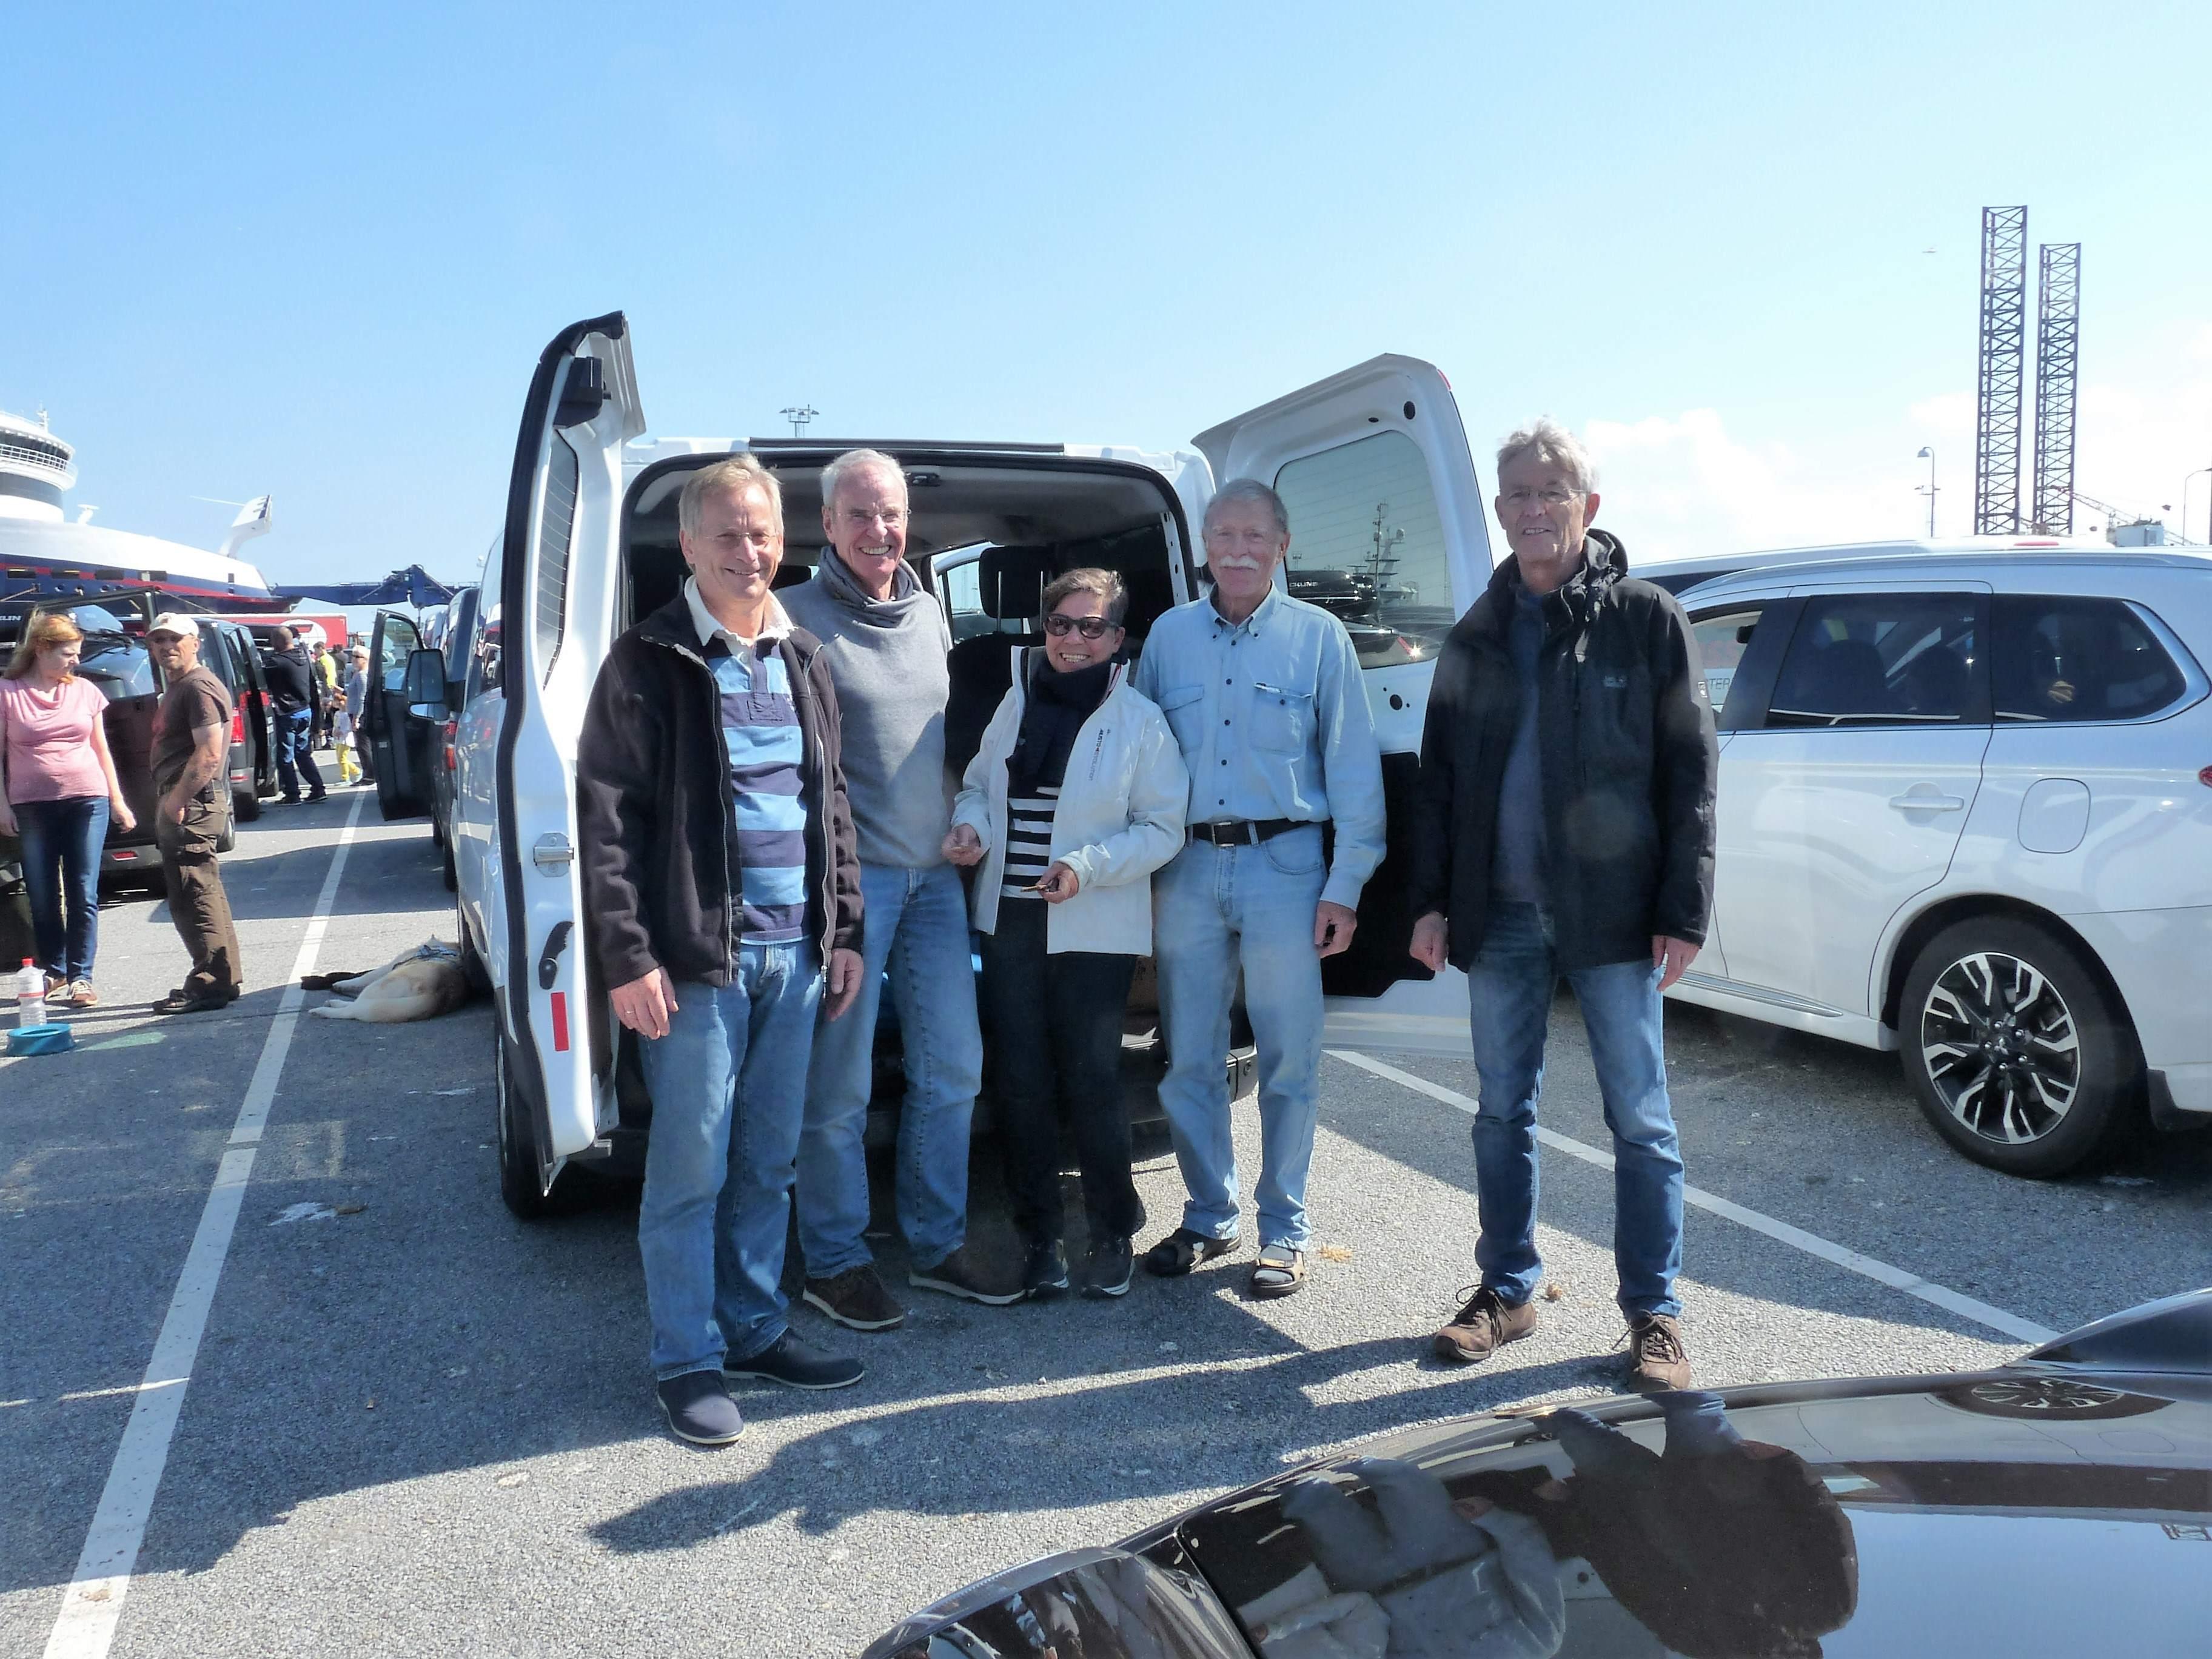 Crew wartet Auf Fähre in Hirtshals